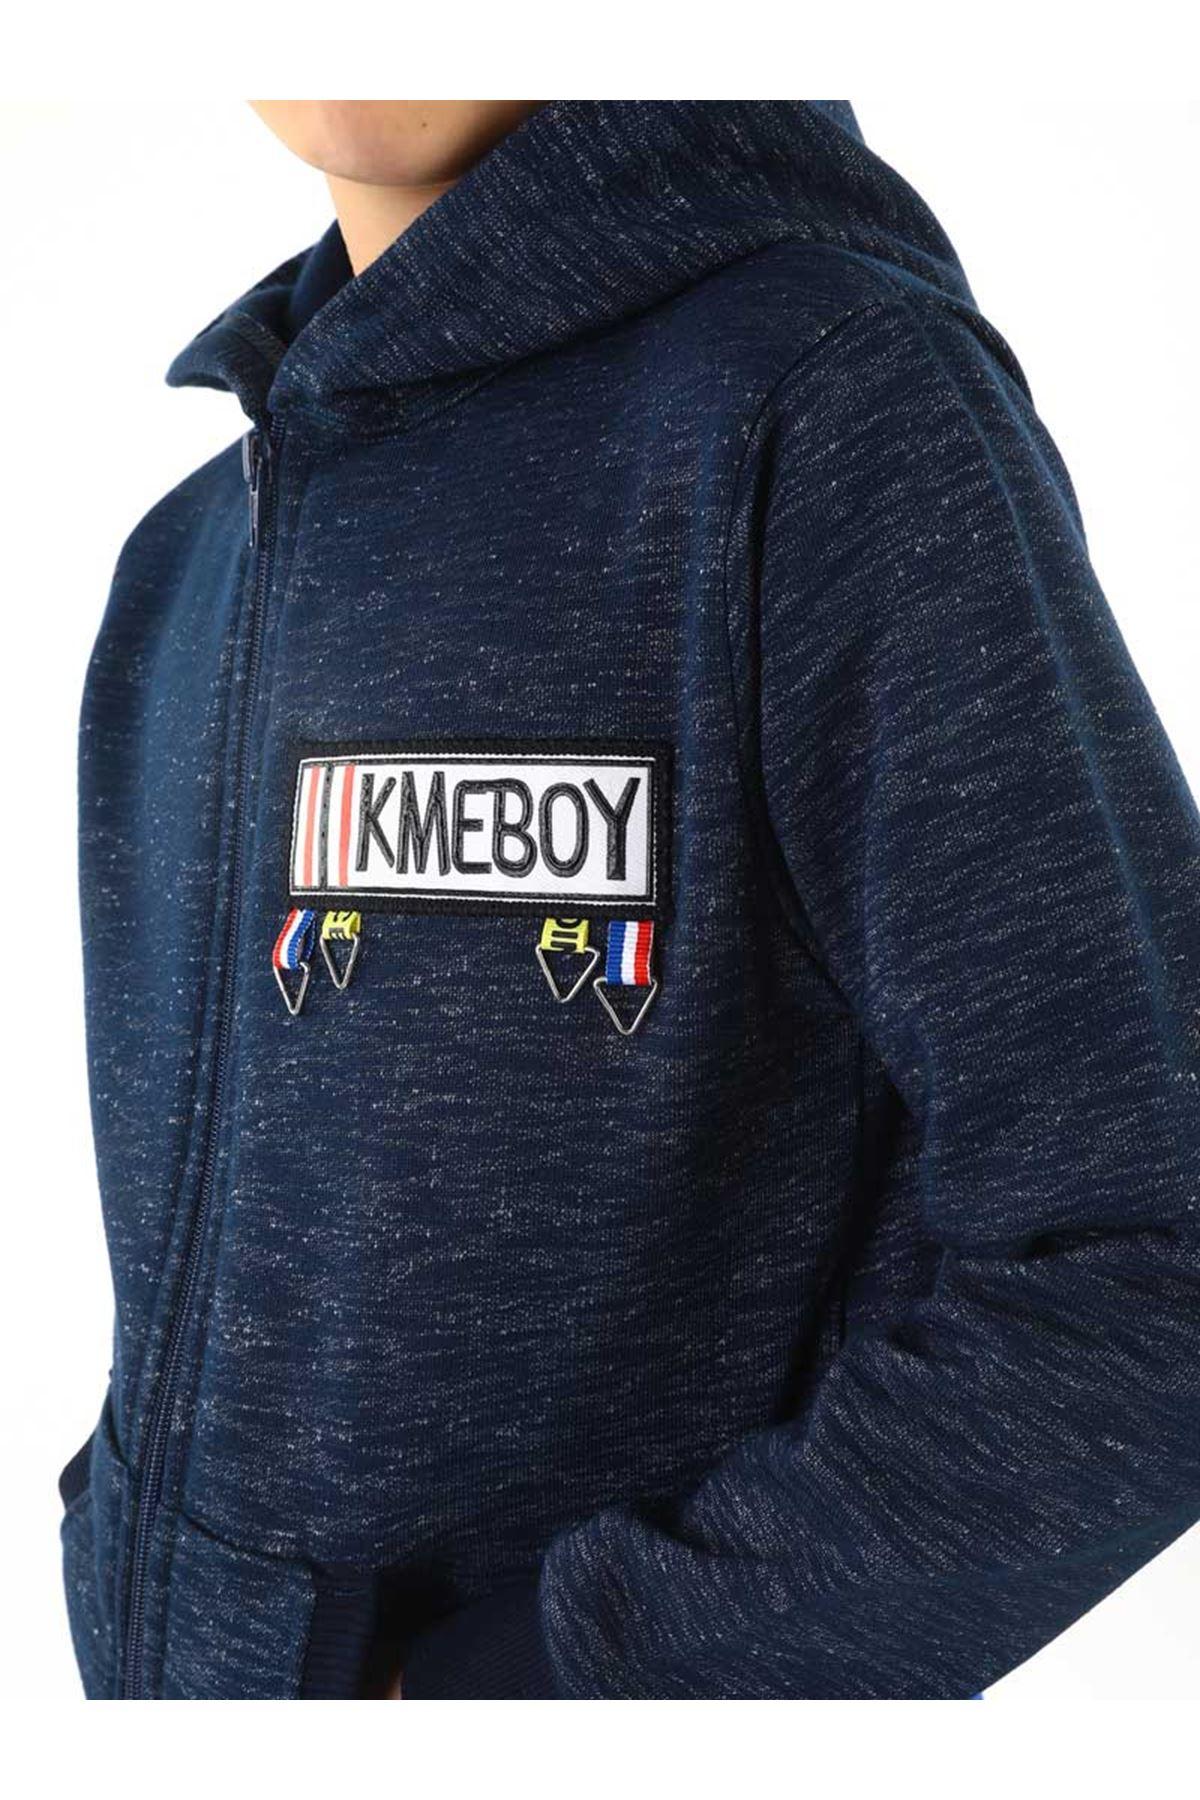 Dark blue Winter Male Child Jacket